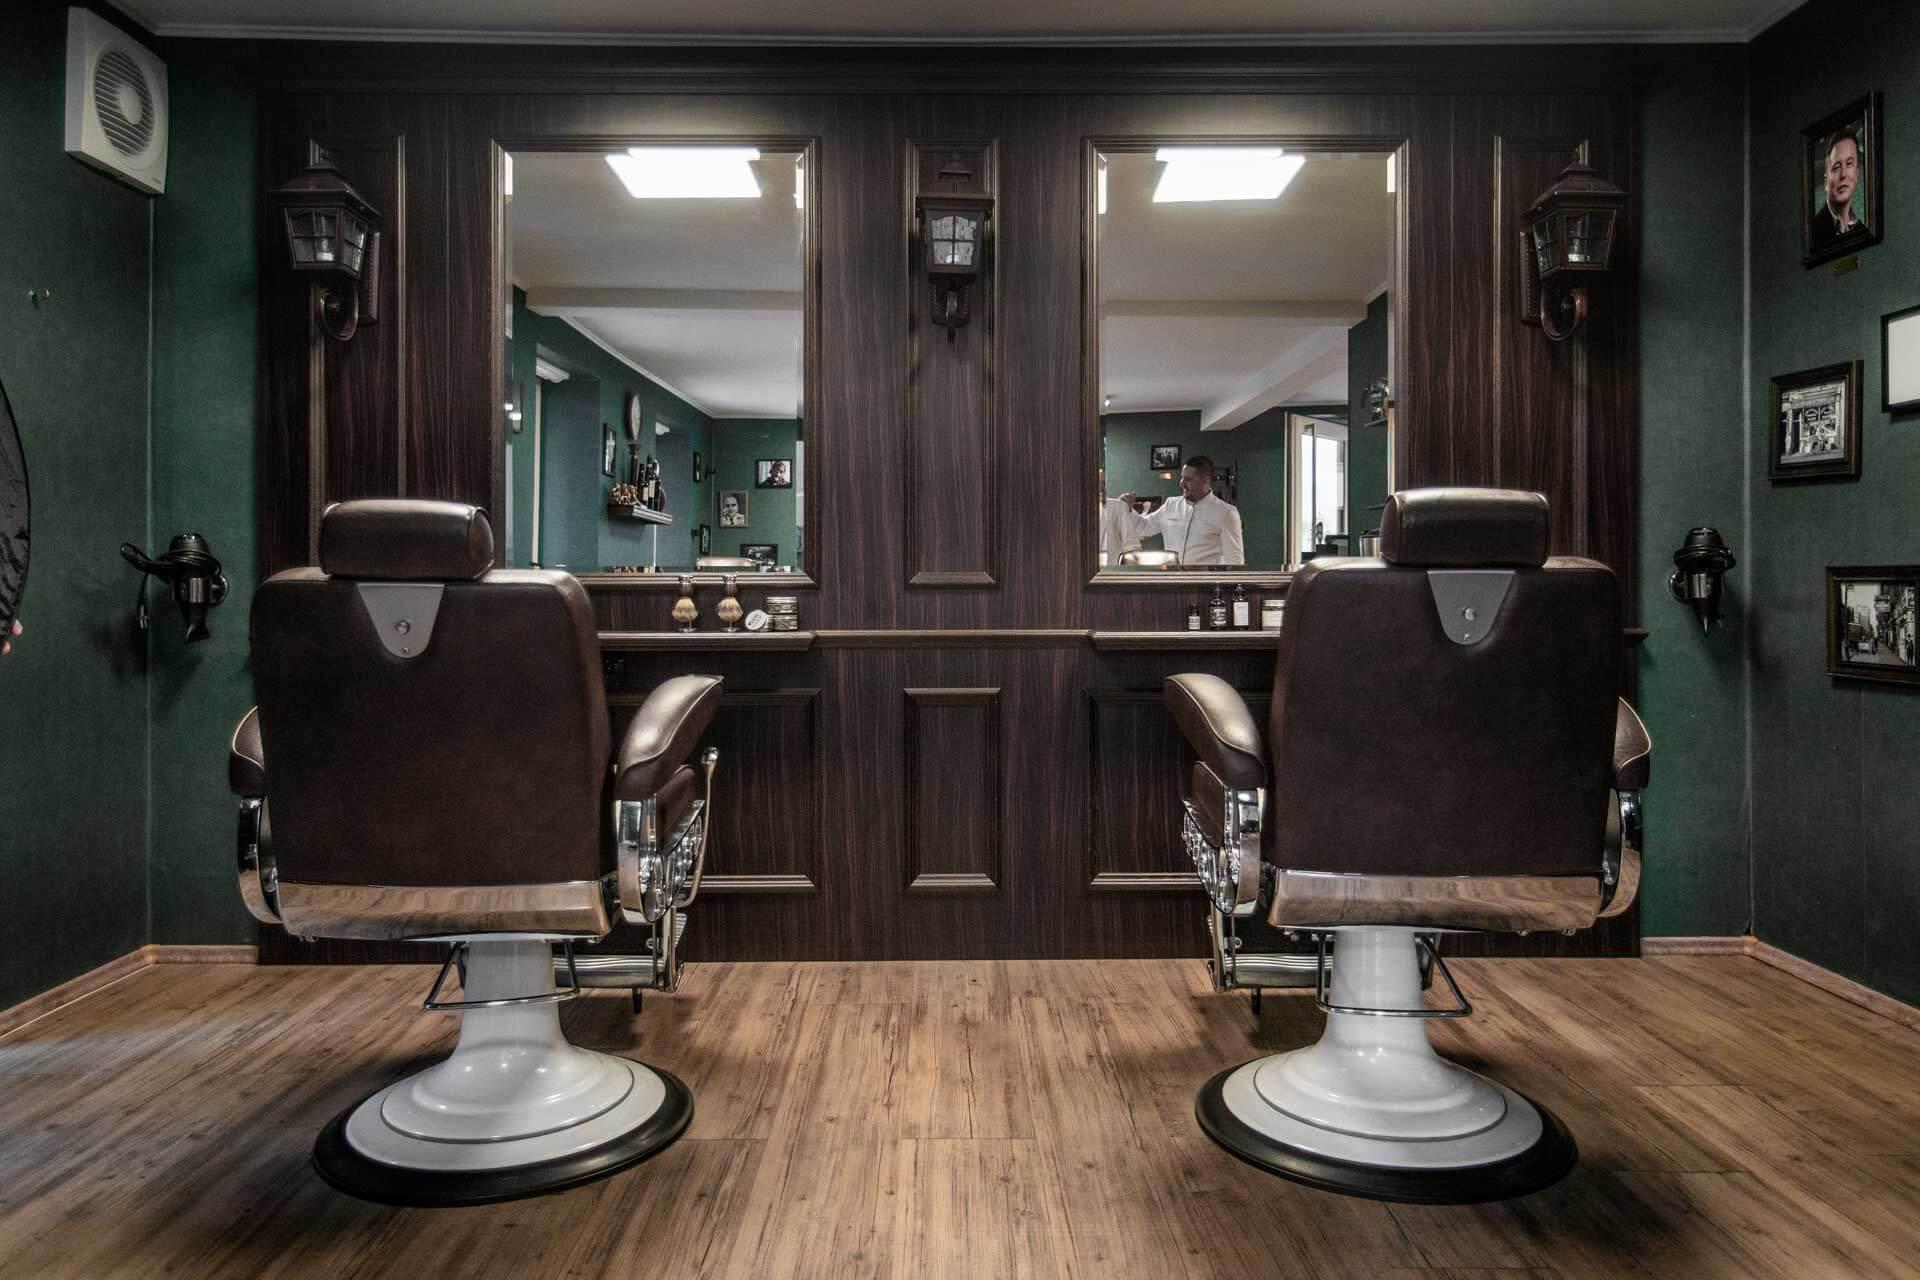 Salon von Weltmann Barbershop in Ulm - Bild von Felix Weichsel.